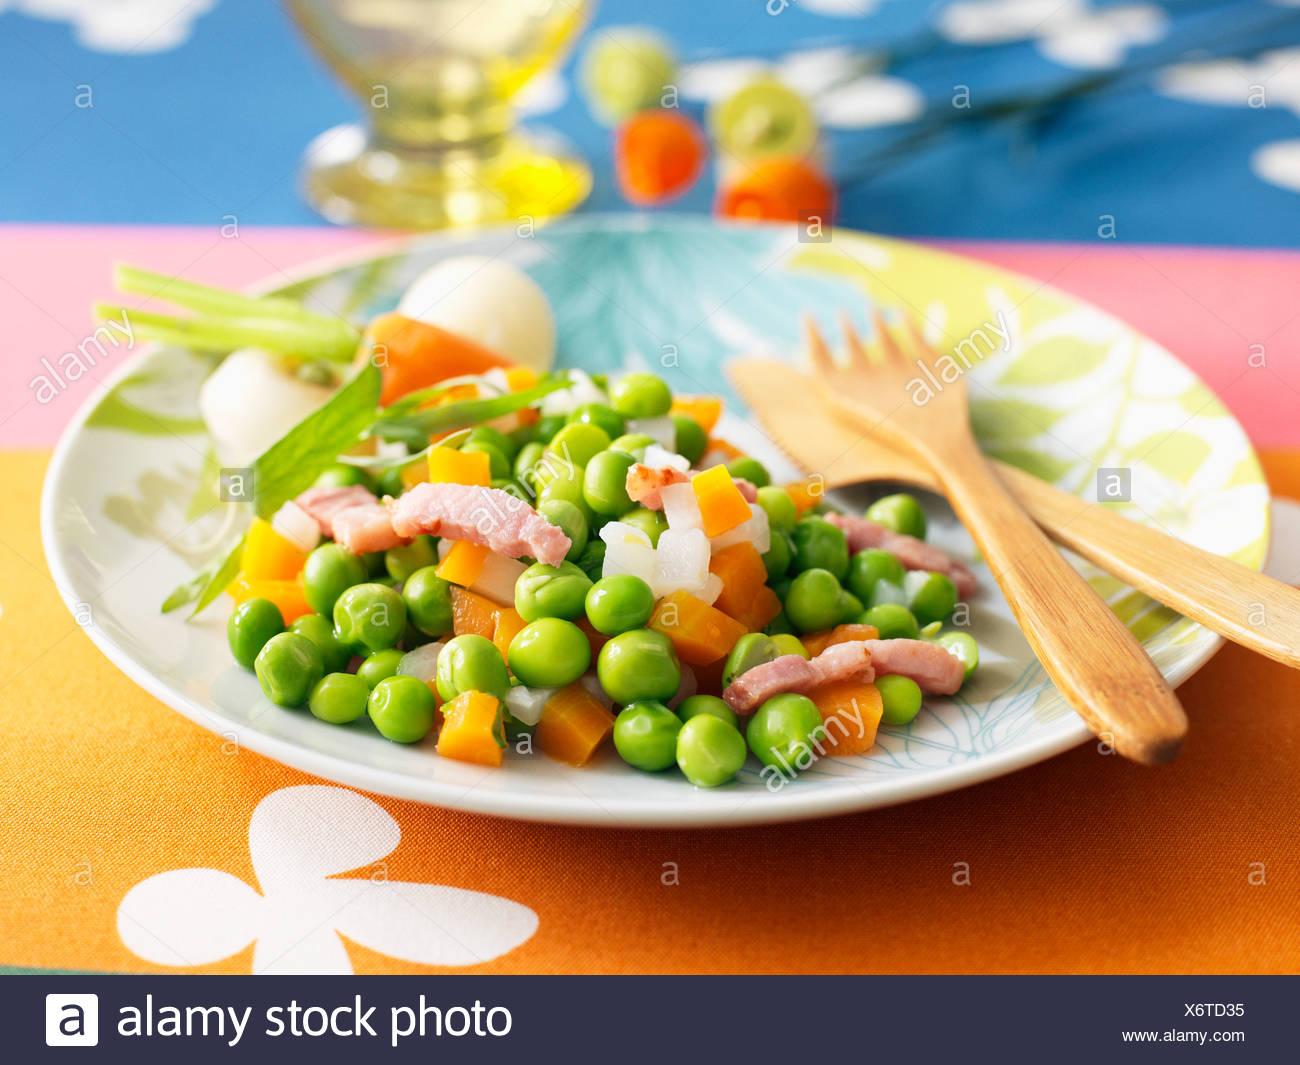 Petits pois et carottes avec lardons Photo Stock